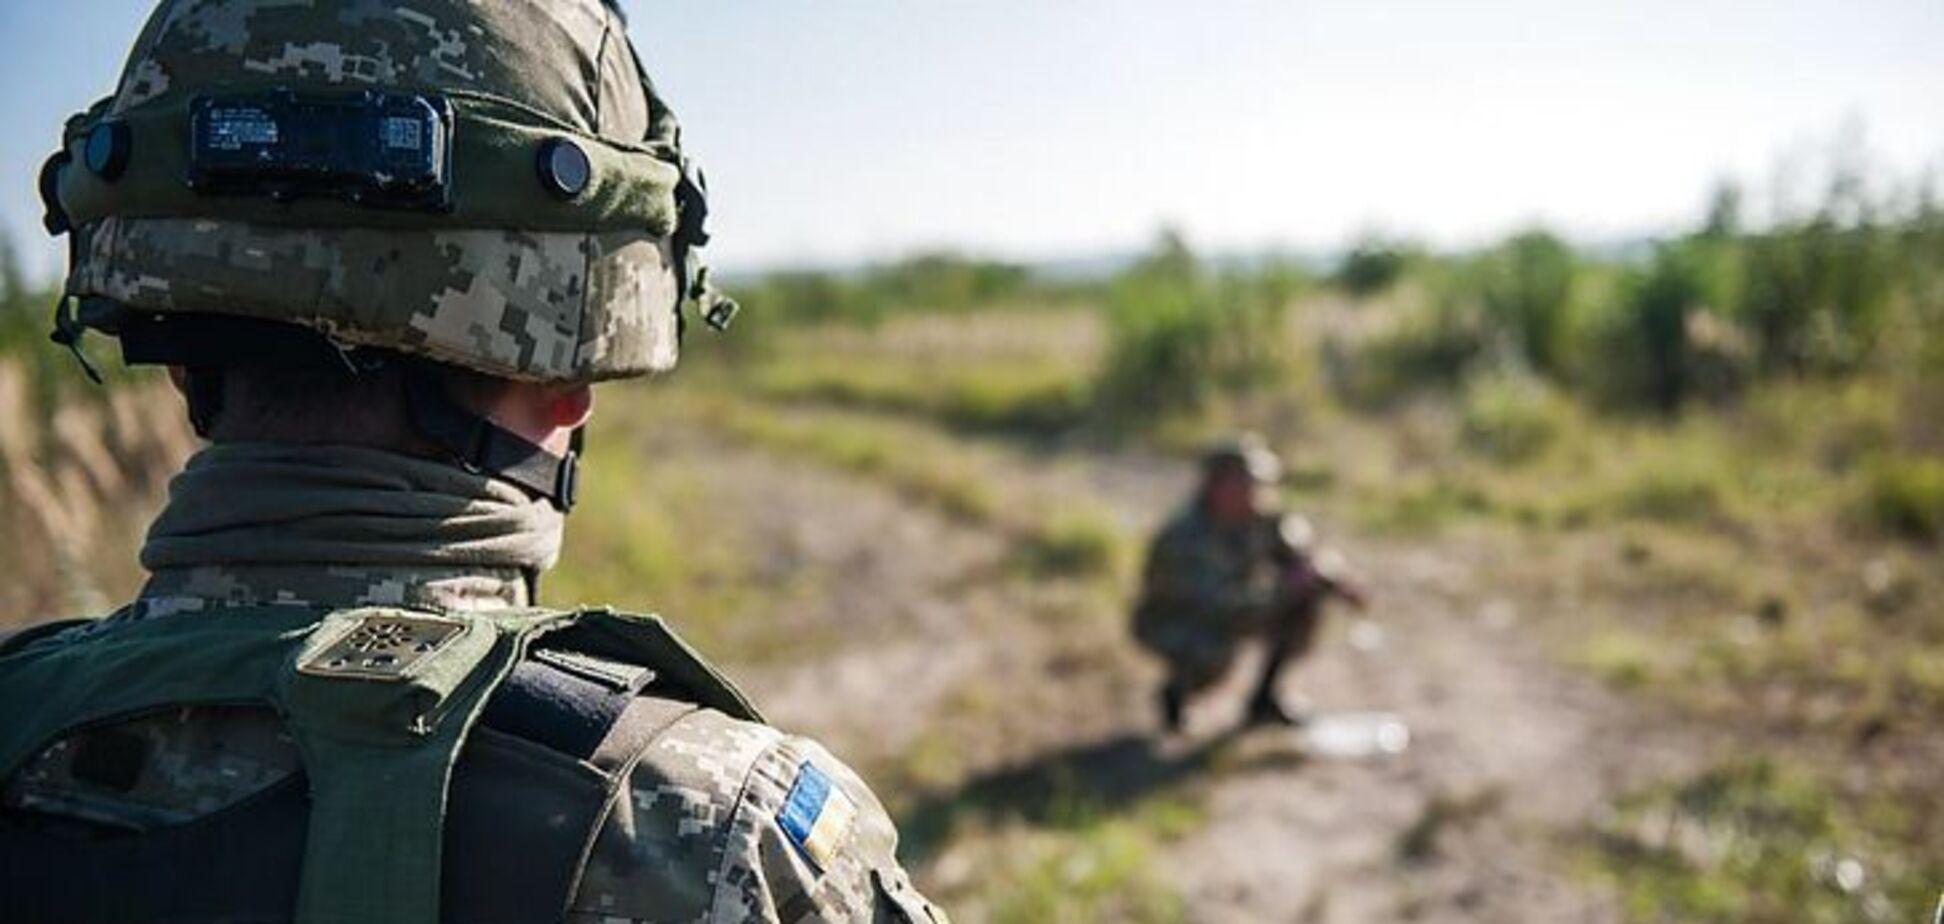 Війська РФ вбили бійця ЗСУ. Ілюстрація